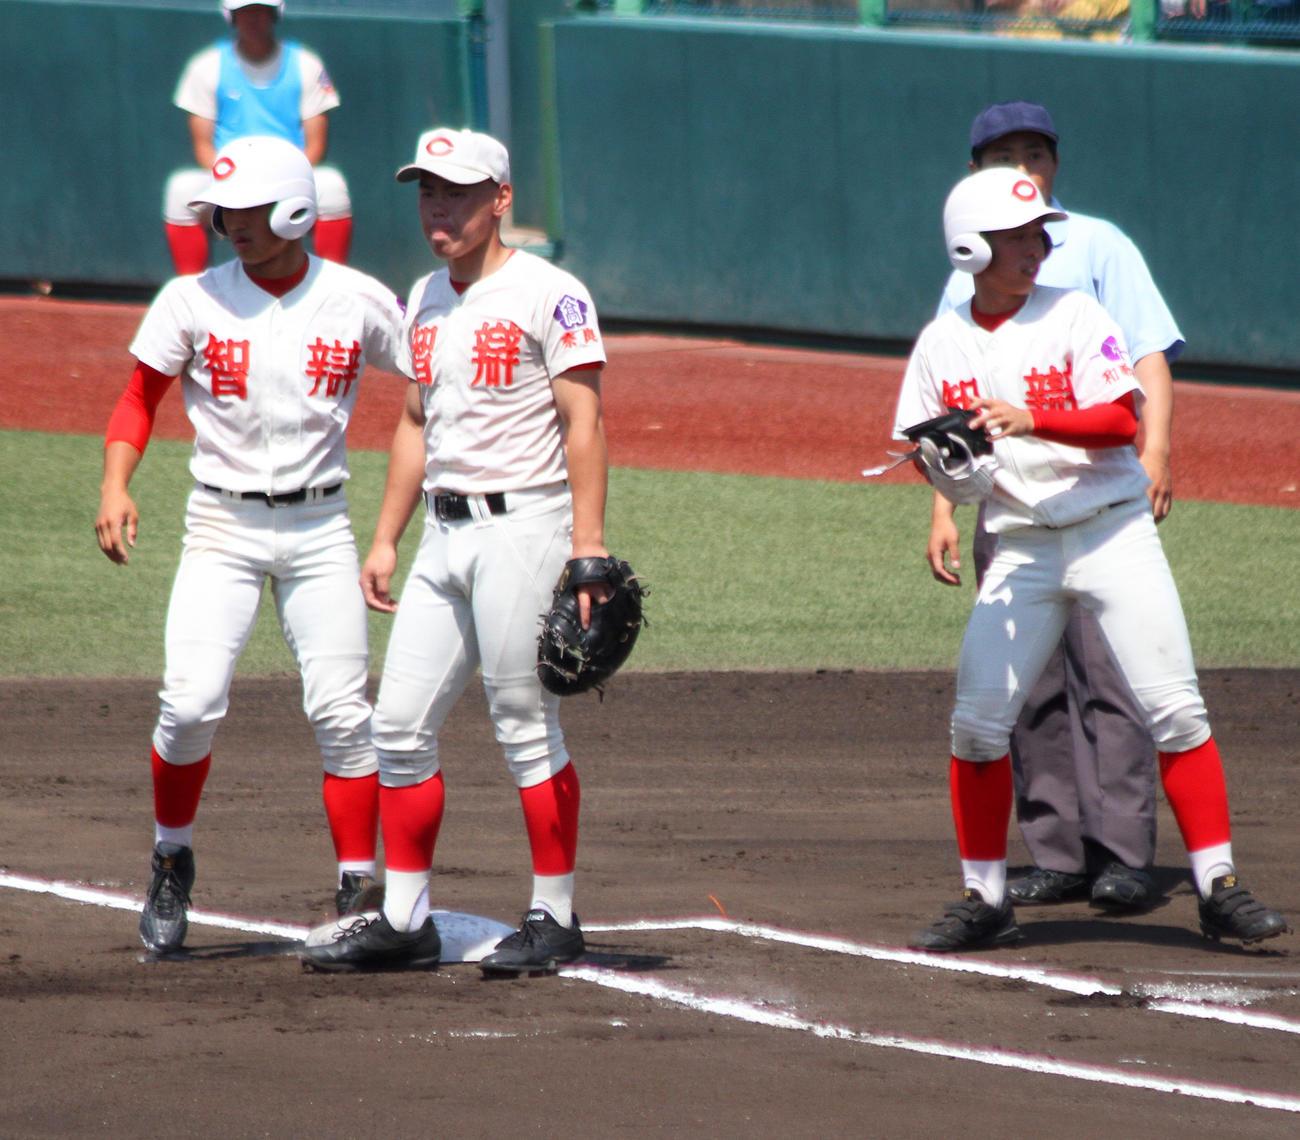 智弁兄弟対決が実現、そっくりユニの細部に宿る違い - 高校野球 : 日刊 ...